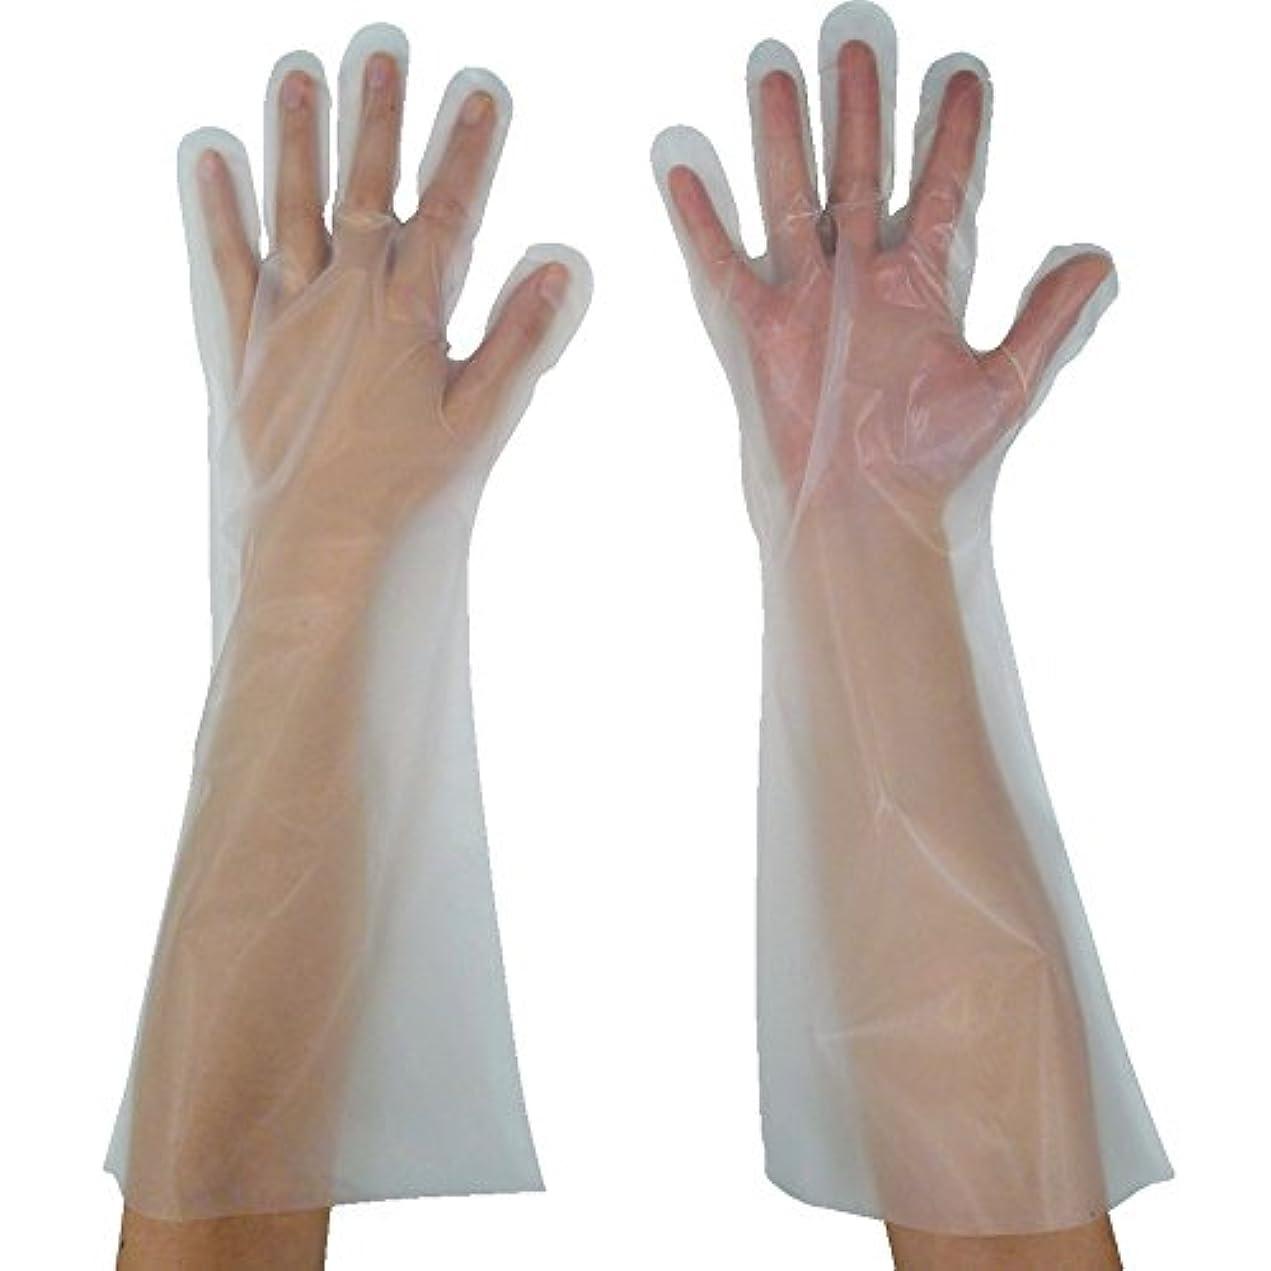 撃退するオフェンスバインド東京パック 緊急災害対策用手袋ロング五本絞りL 半透明 KL-L ポリエチレン使い捨て手袋